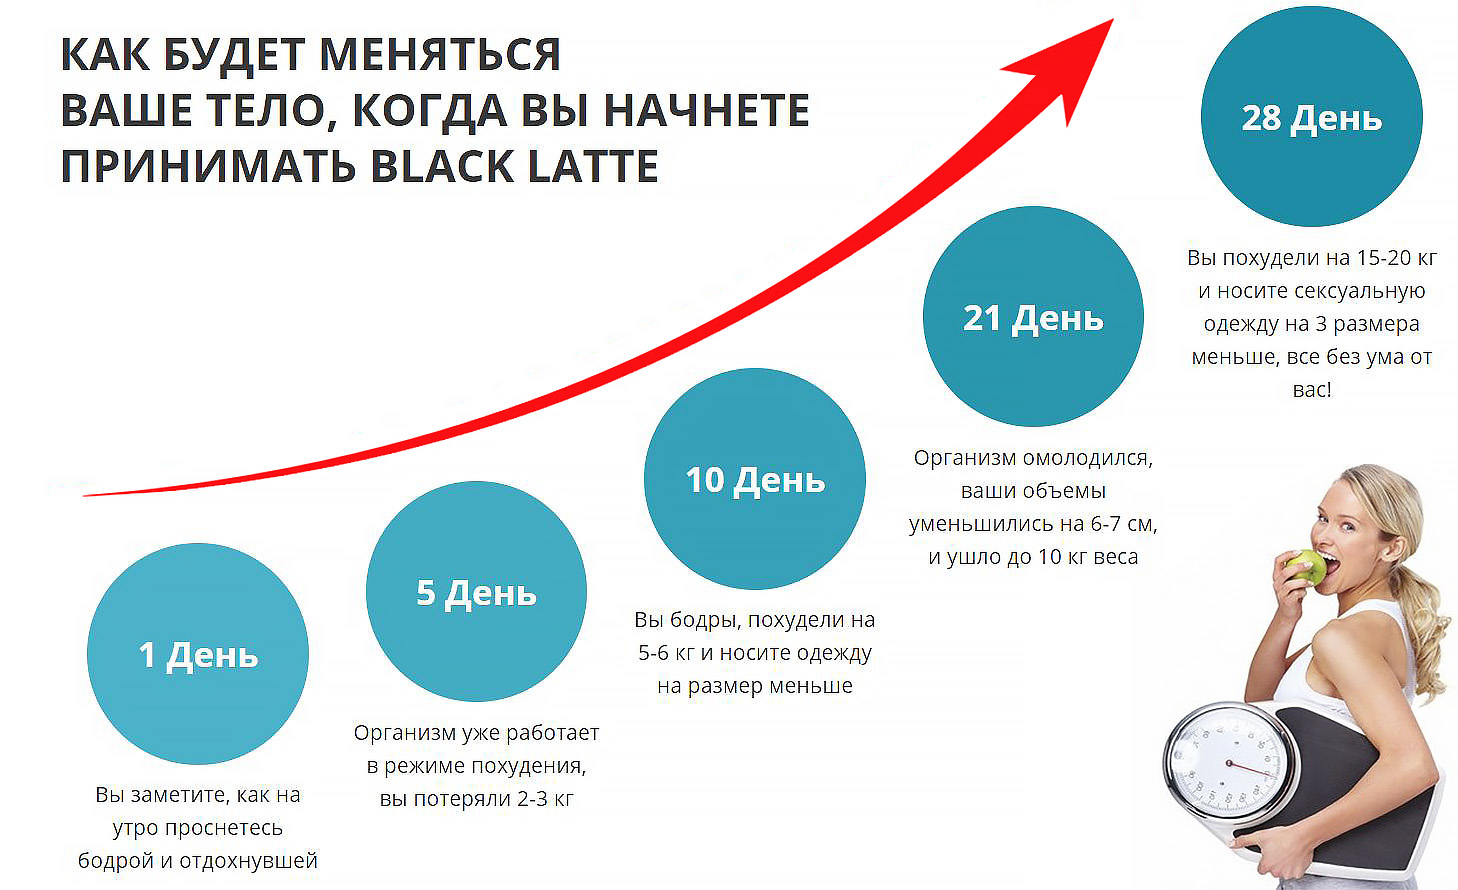 Как будет меняться Ваше тело, когда начнёте принимать Black Latte